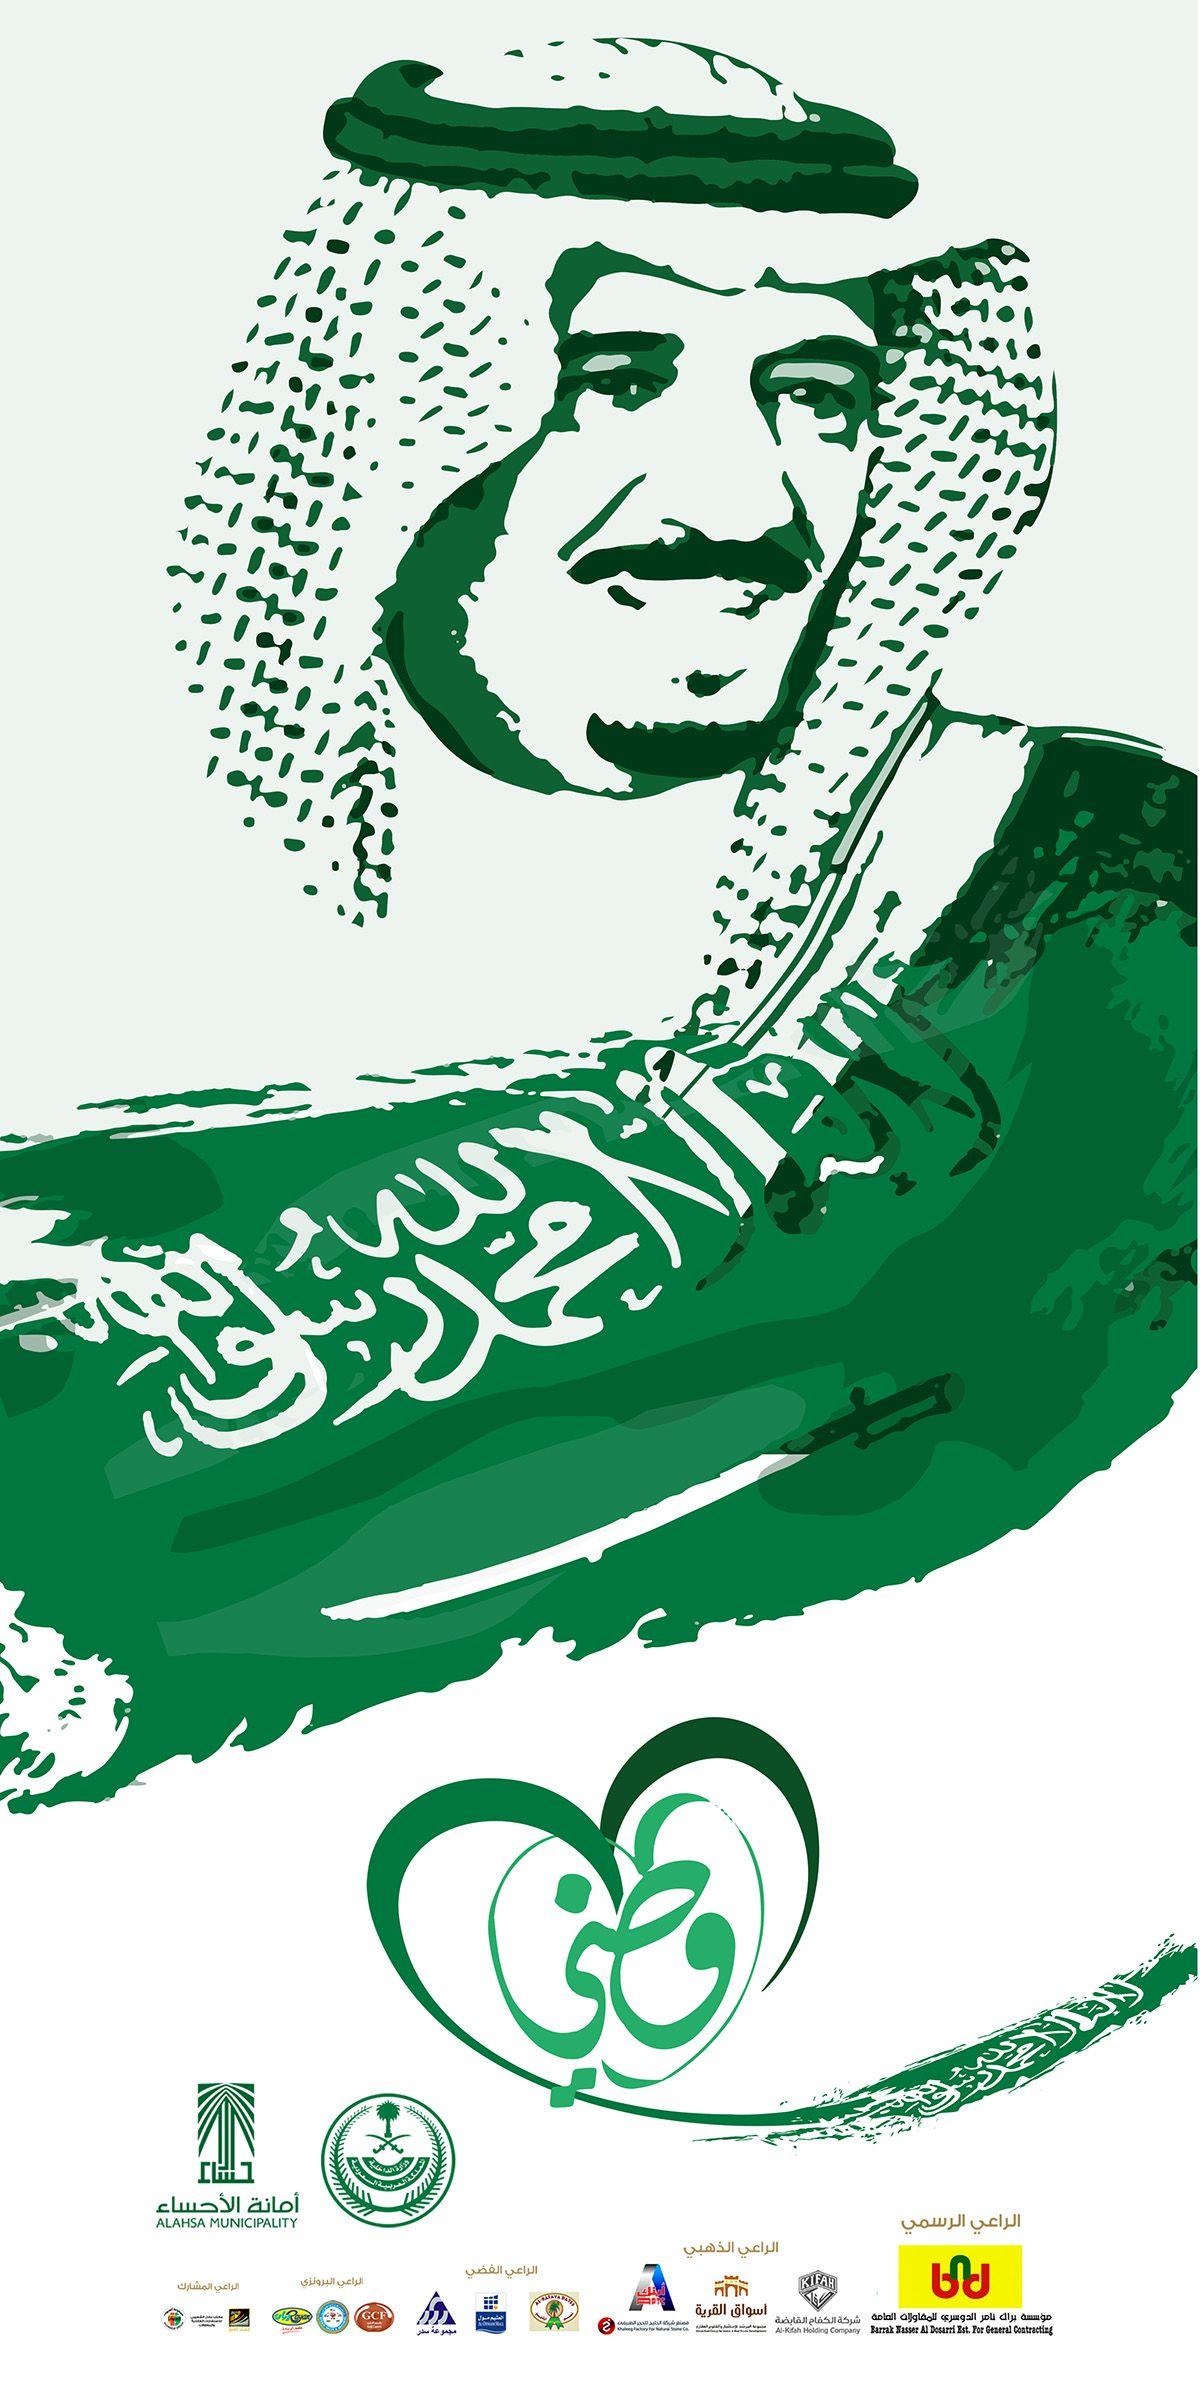 حملة وطني اليوم الوطني للسعودية On Behance National Day Saudi Stippling Art Saudi Flag